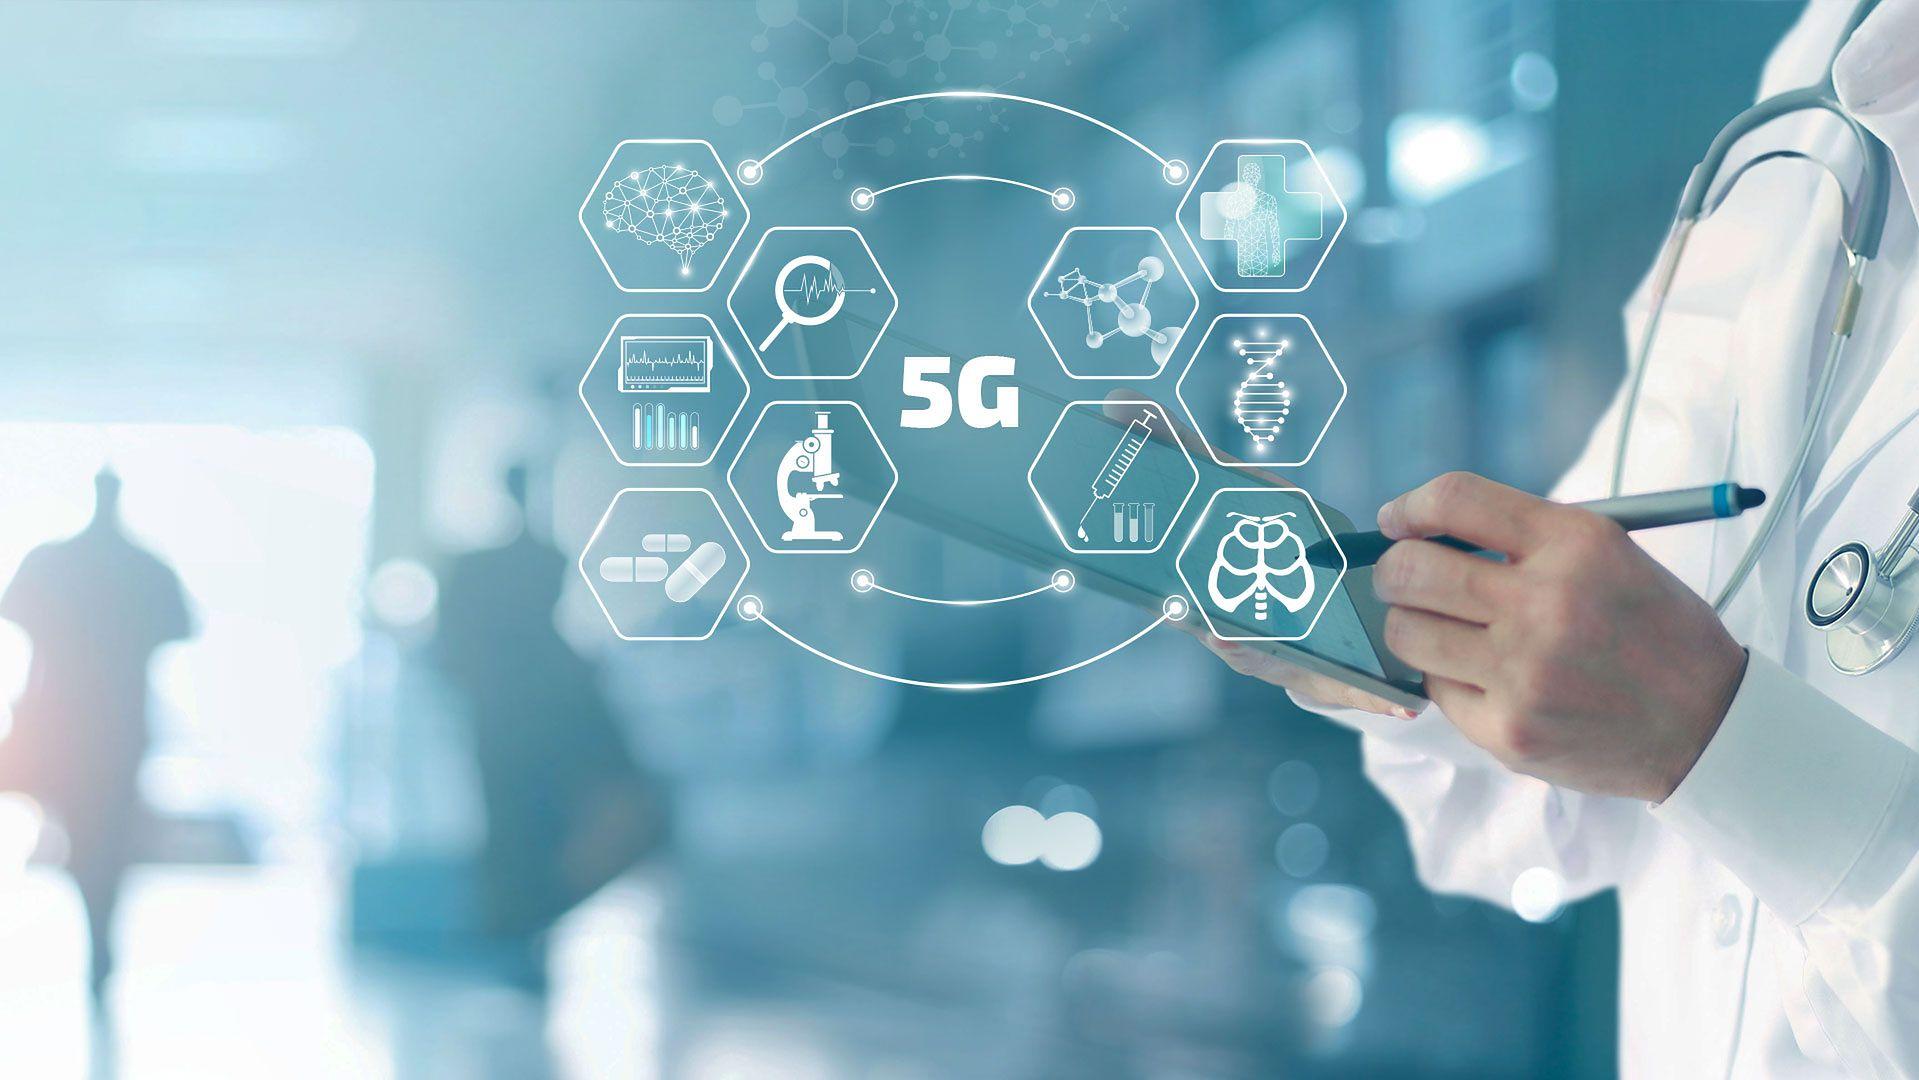 Operacje na odległość to dopiero początek. 5G zmieni ochronę zdrowia